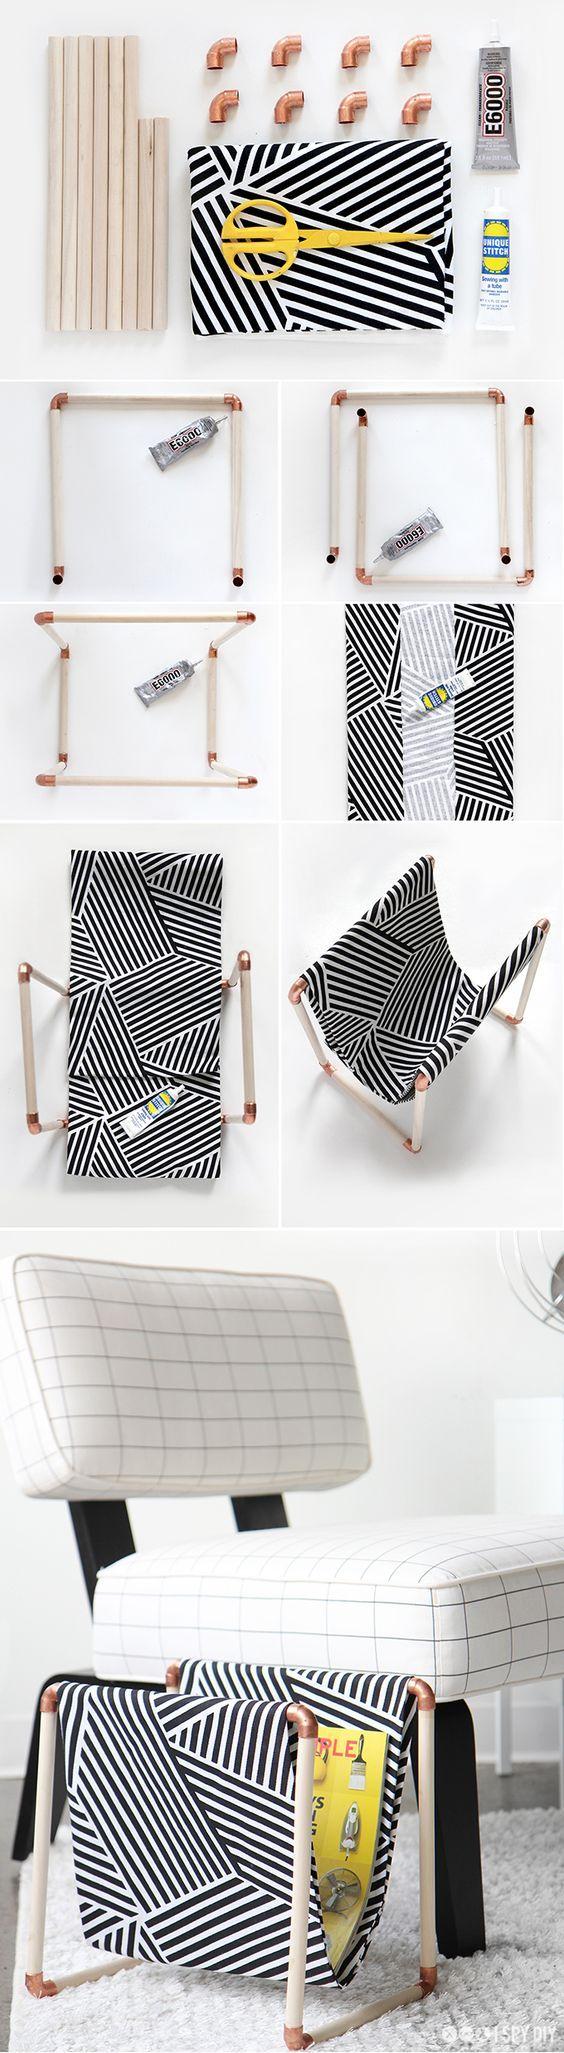 Os revisteiros dão um charme a mais para a sala de estar. Para criar um modelo personalizado você precisa apenas de canos e tecido. Super prático, né? @verouste